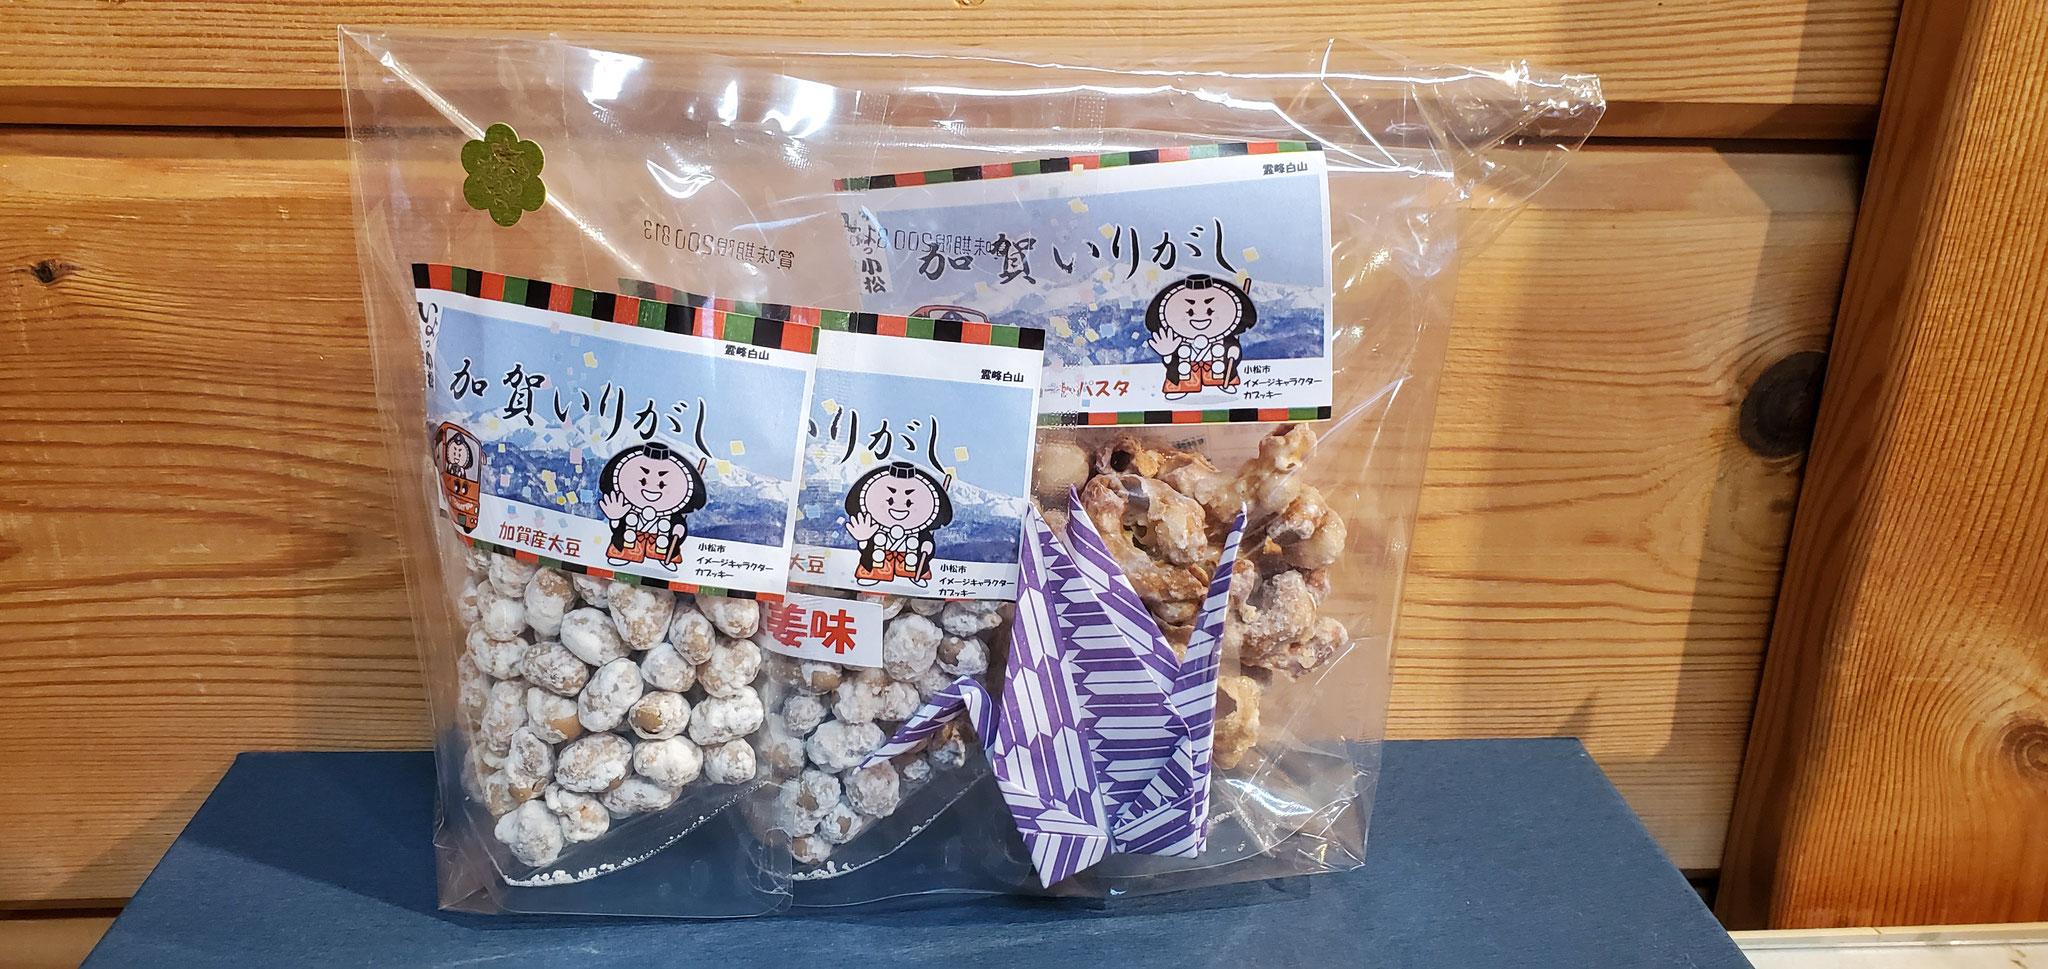 勧進帳セットb 3個入り(ショートパスタ30g・大豆砂糖味50g・大豆生姜味50g)